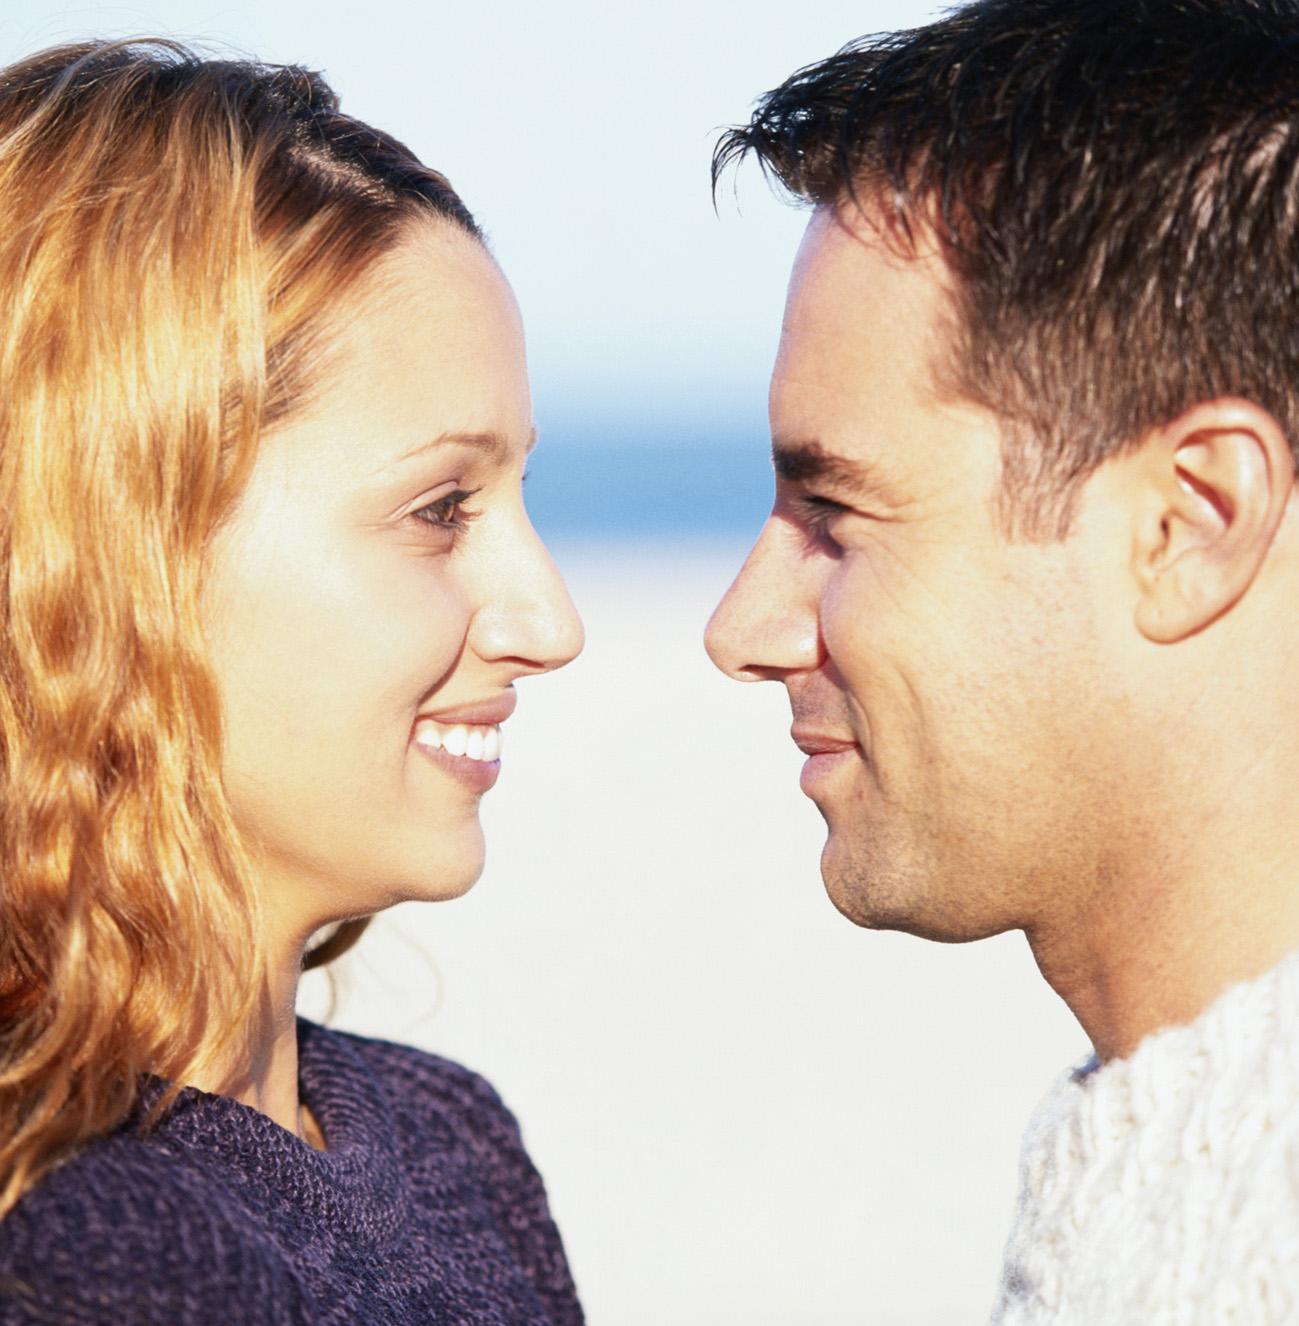 Als Paar gut miteinander sprechen